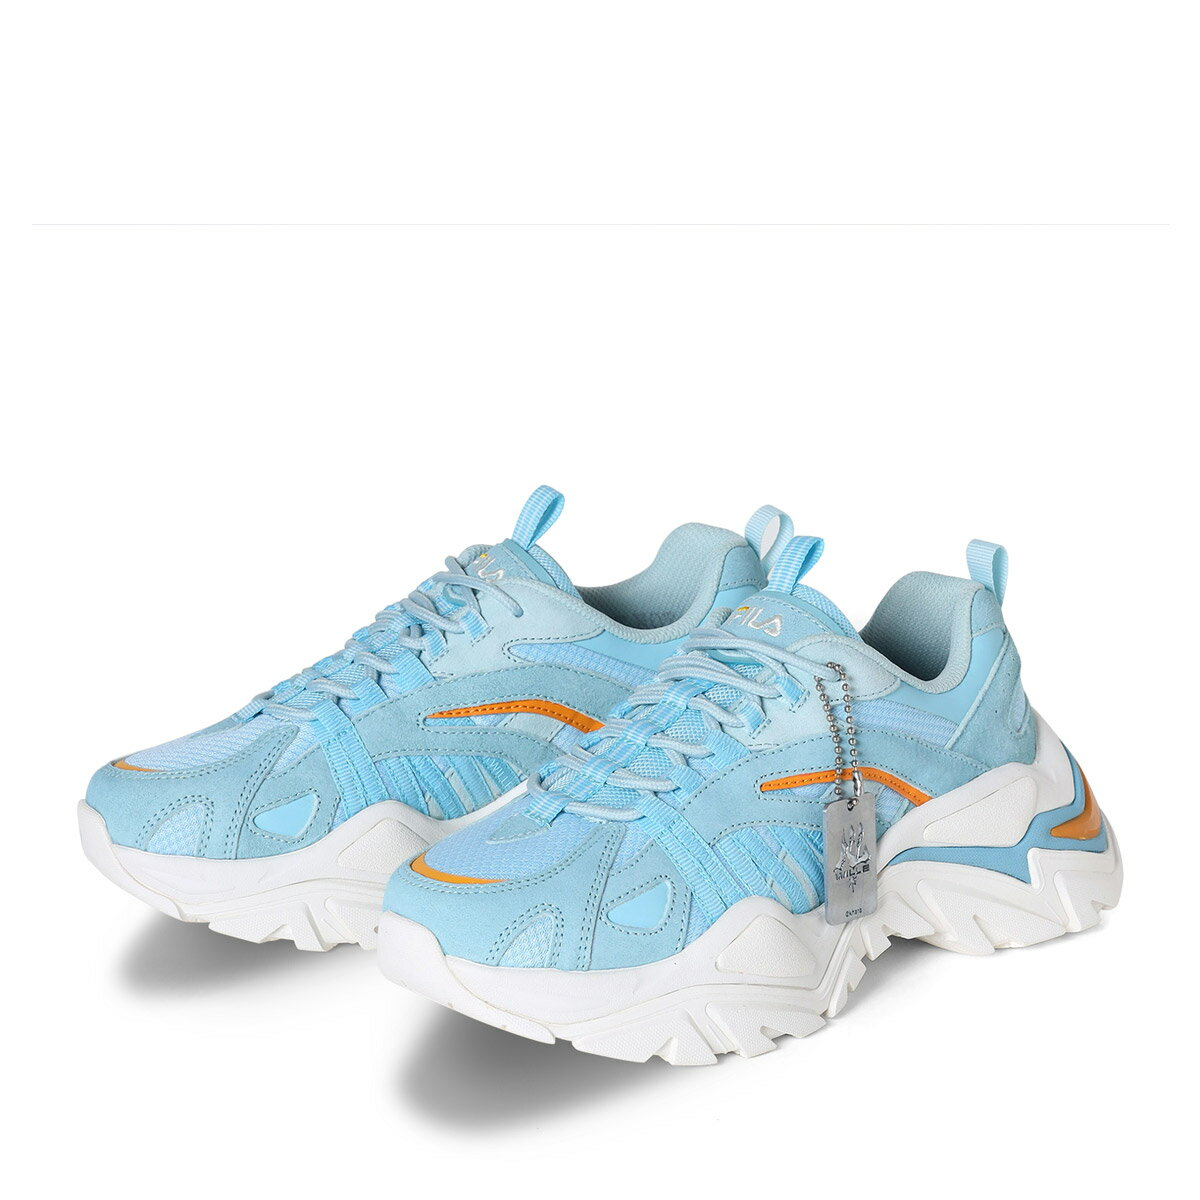 メンズ靴, スニーカー FILA x EVANGELION INTERATION( )BLUE 21SS-I